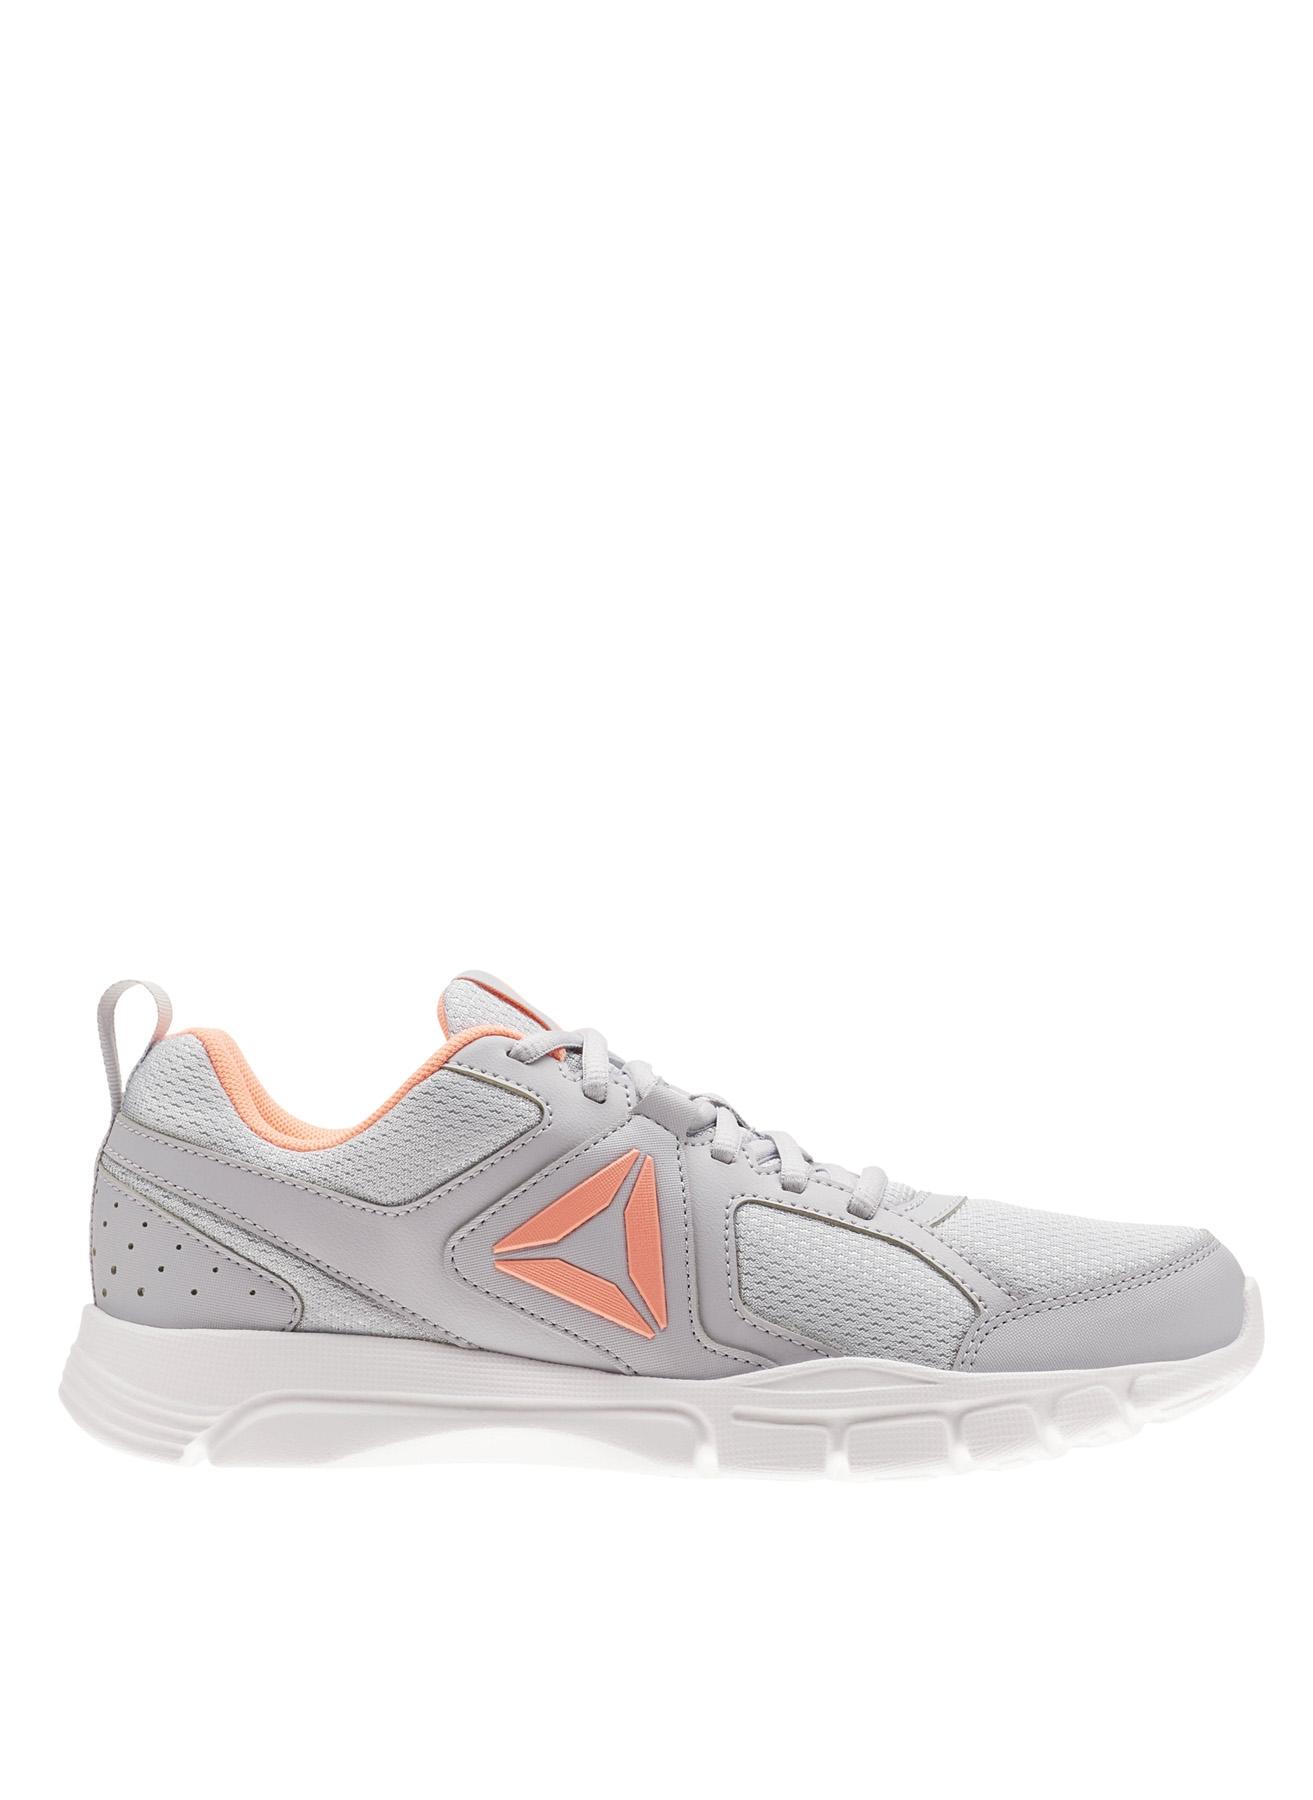 Reebok 3D Fushion TR Training Ayakkabısı 39 5001633319006 Ürün Resmi